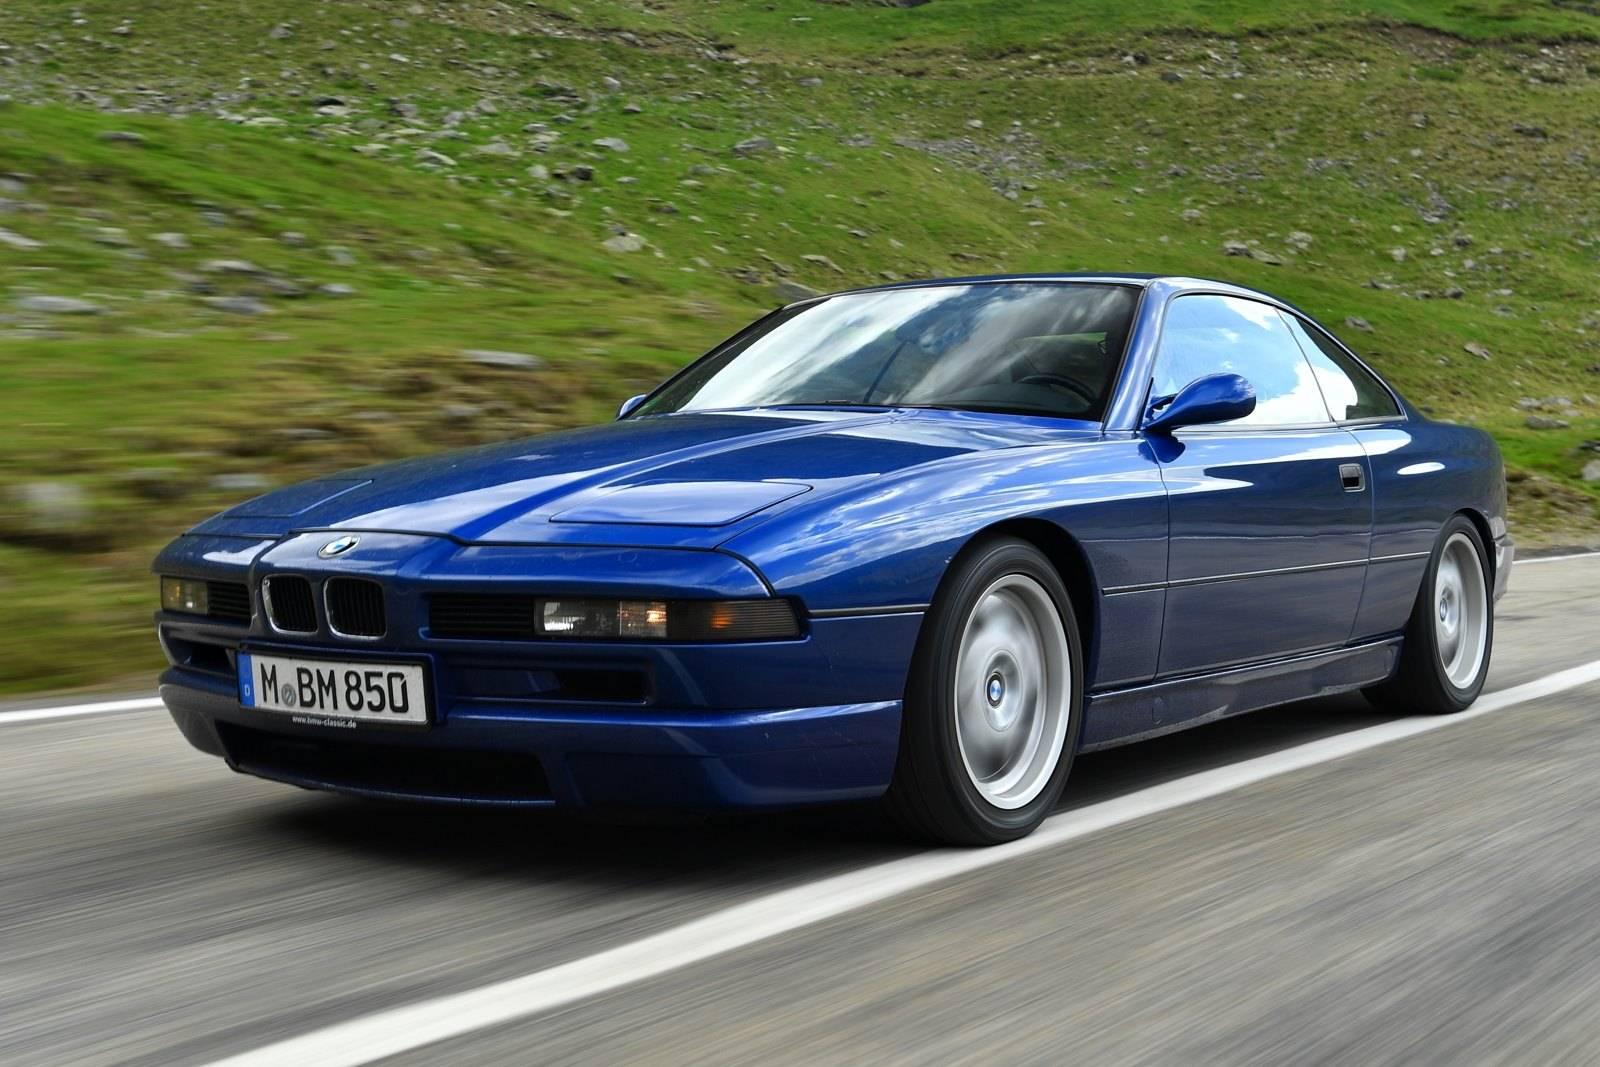 BMW 8 серии E31 - благородный флагман из 90-х 1